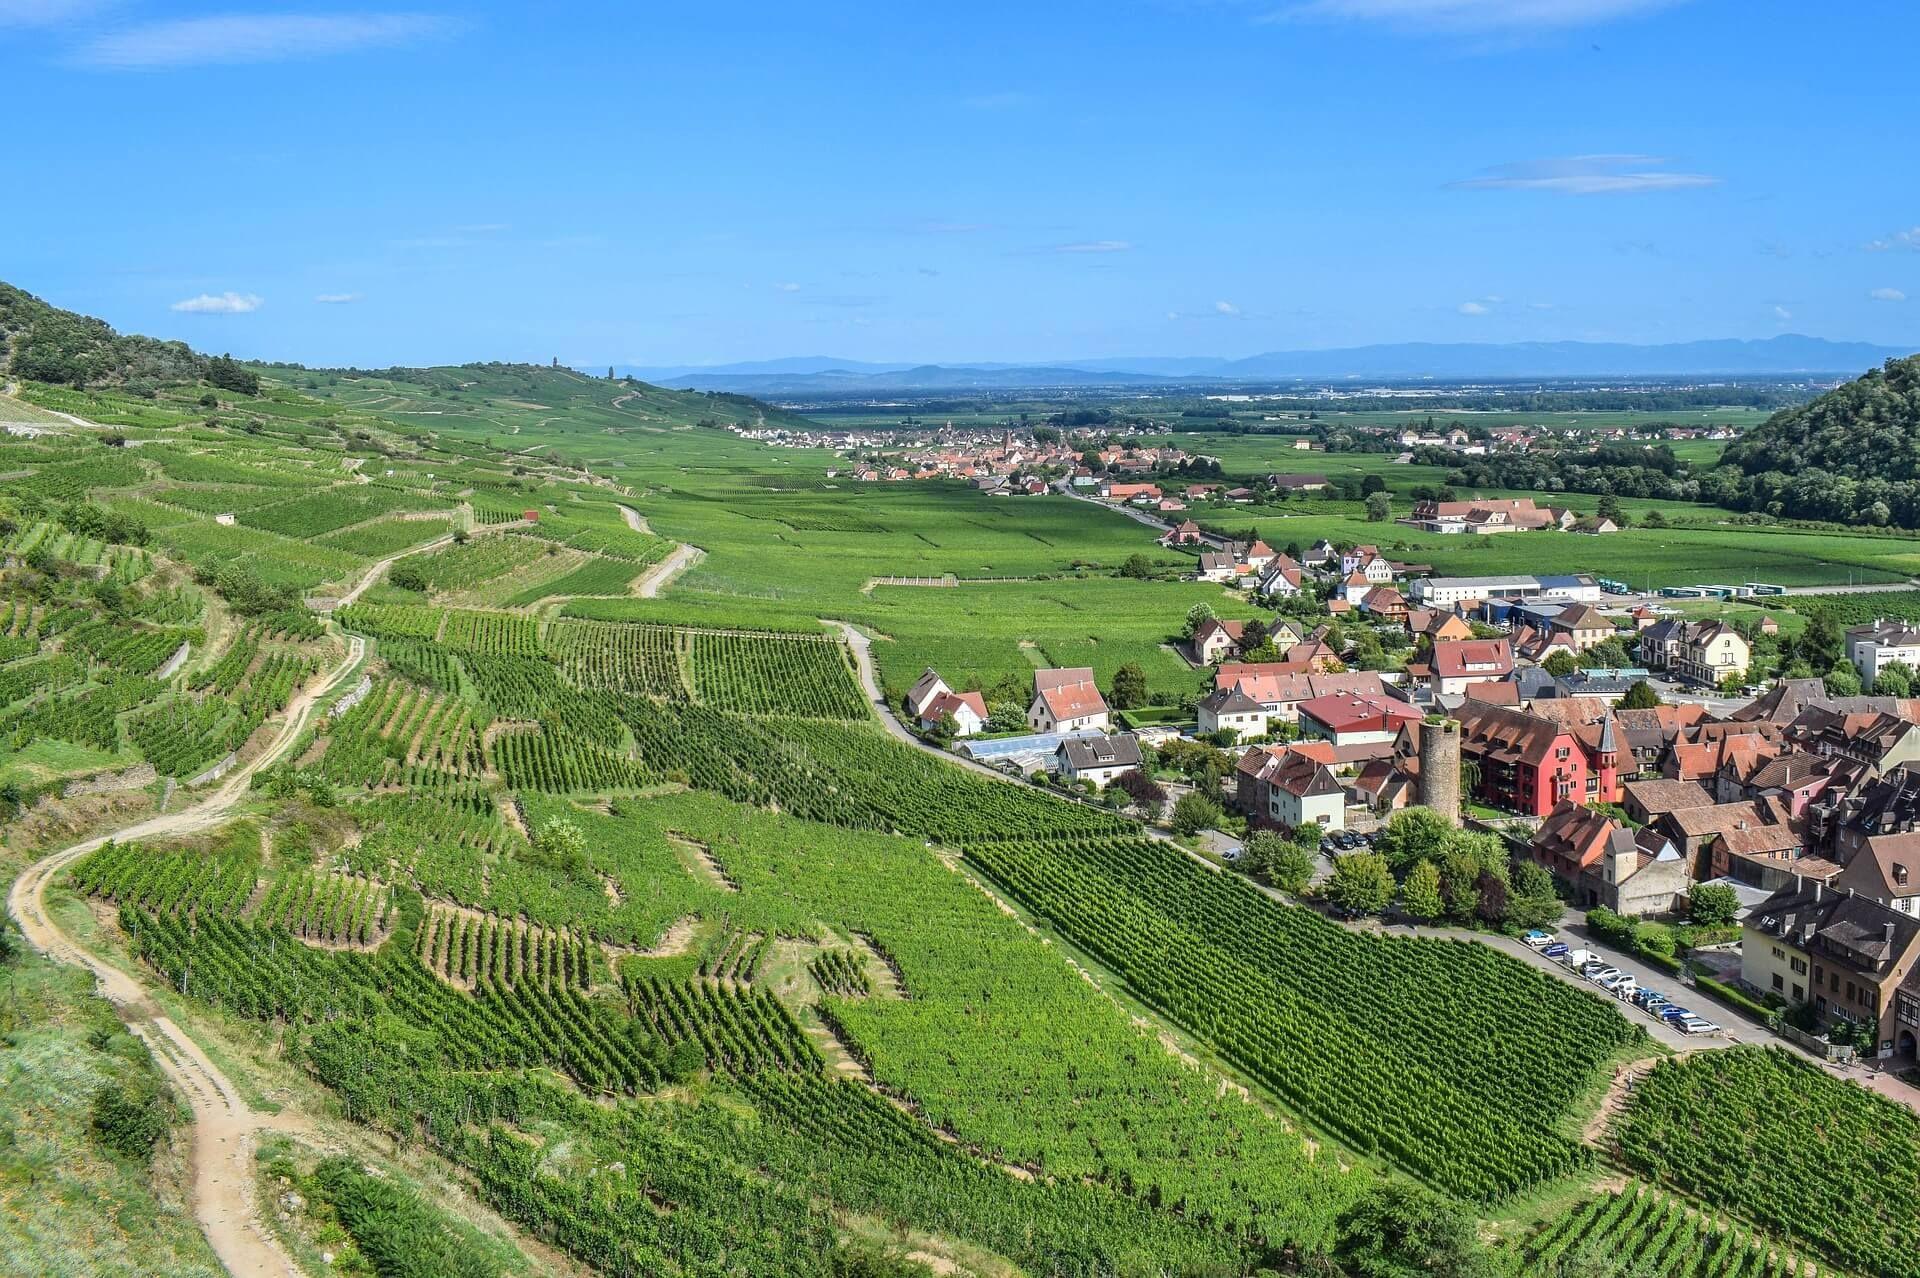 Route Des Vins D Alsace Les Etapes A Ne Pas Manquer Les Plus Belles Villes Alsace Tourisme Lieu Touristique